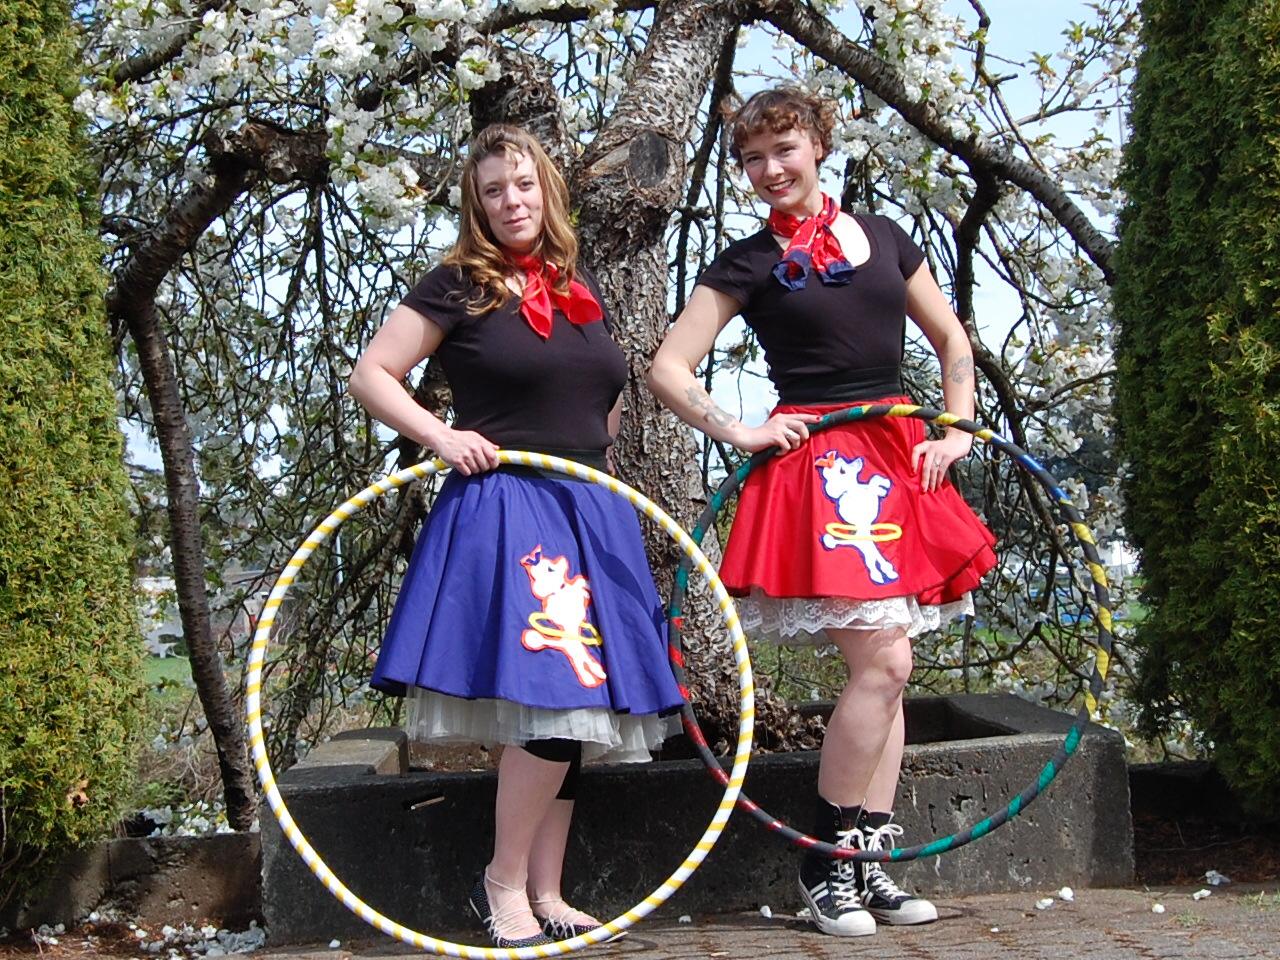 Island hula hoopla performance